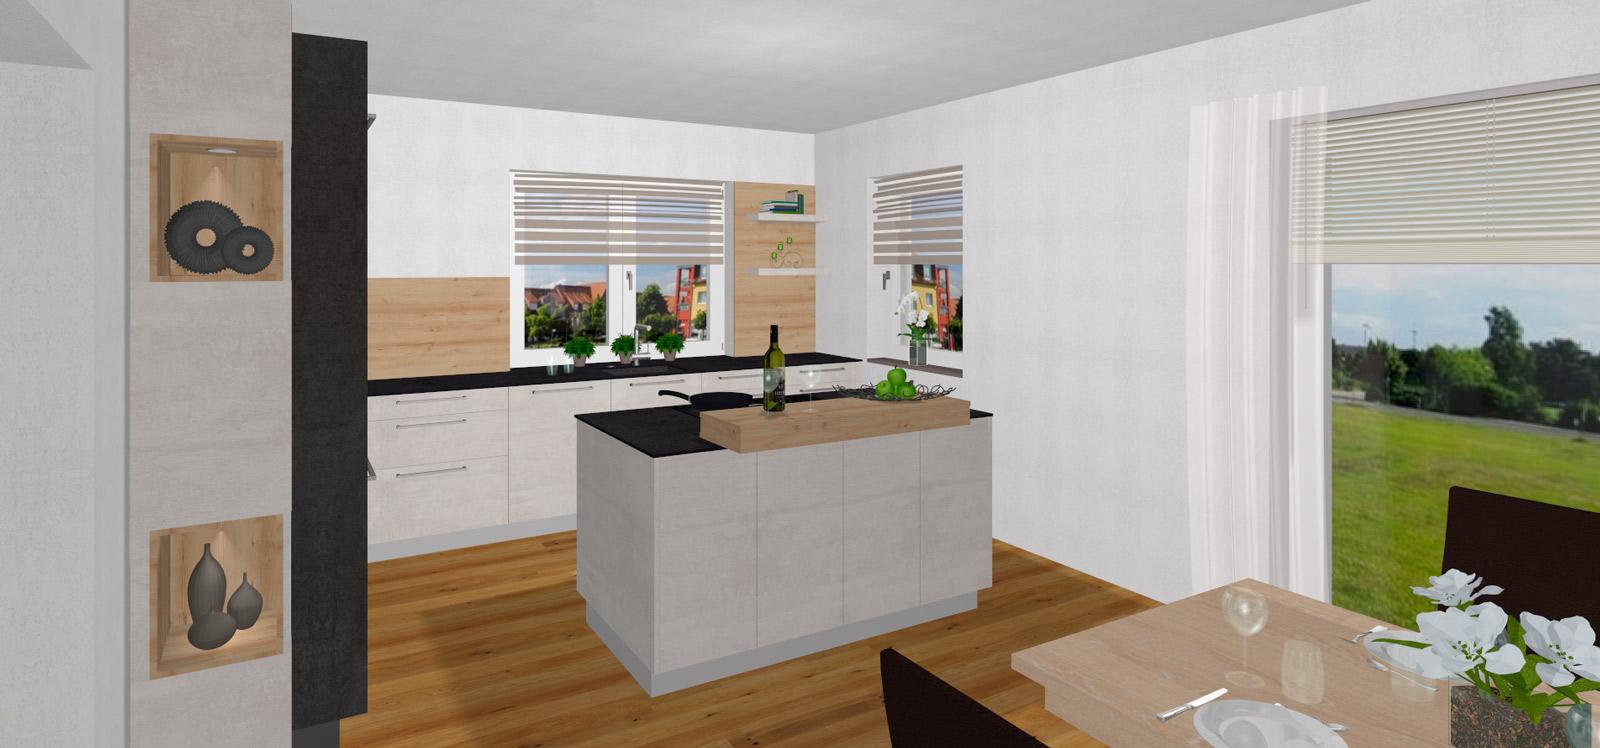 Full Size of Freistehende Küche Holz Freistehende Waschmaschine In Küche Integrieren Freistehende Spüle Küche Freistehender Mülleimer Küche Küche Freistehende Küche